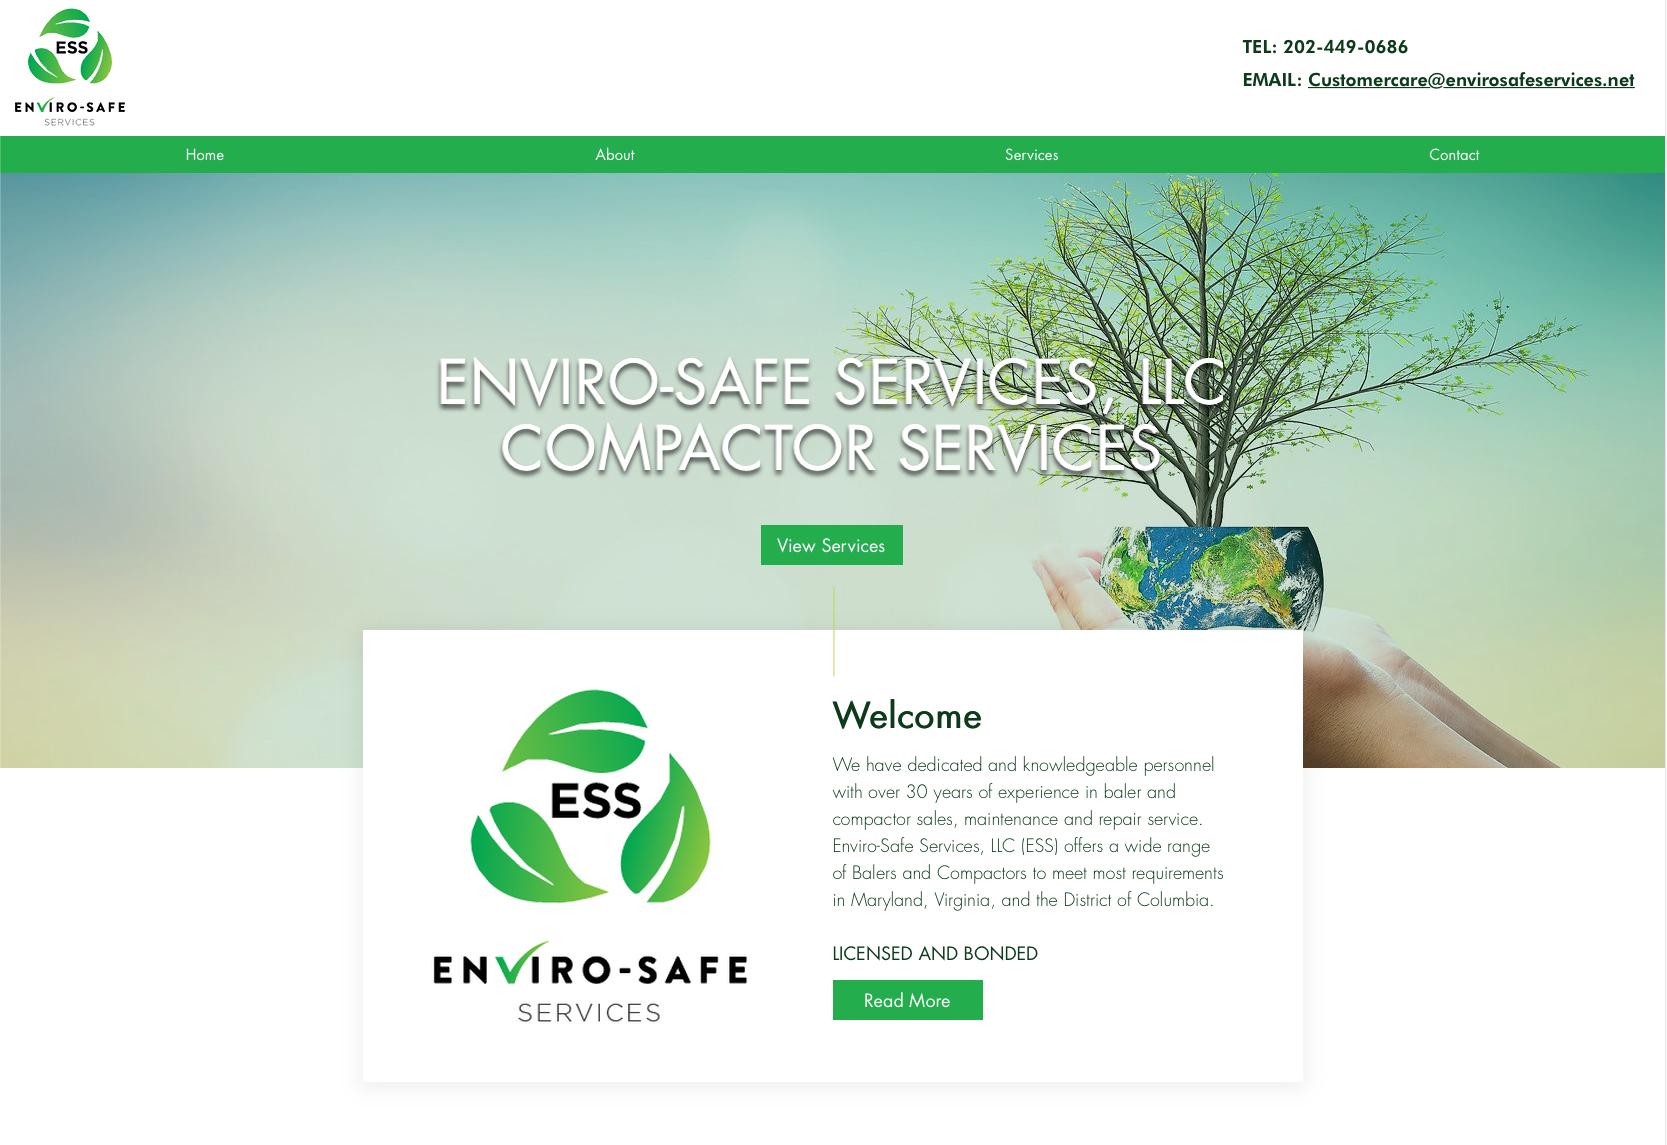 Enviro-Safe Services